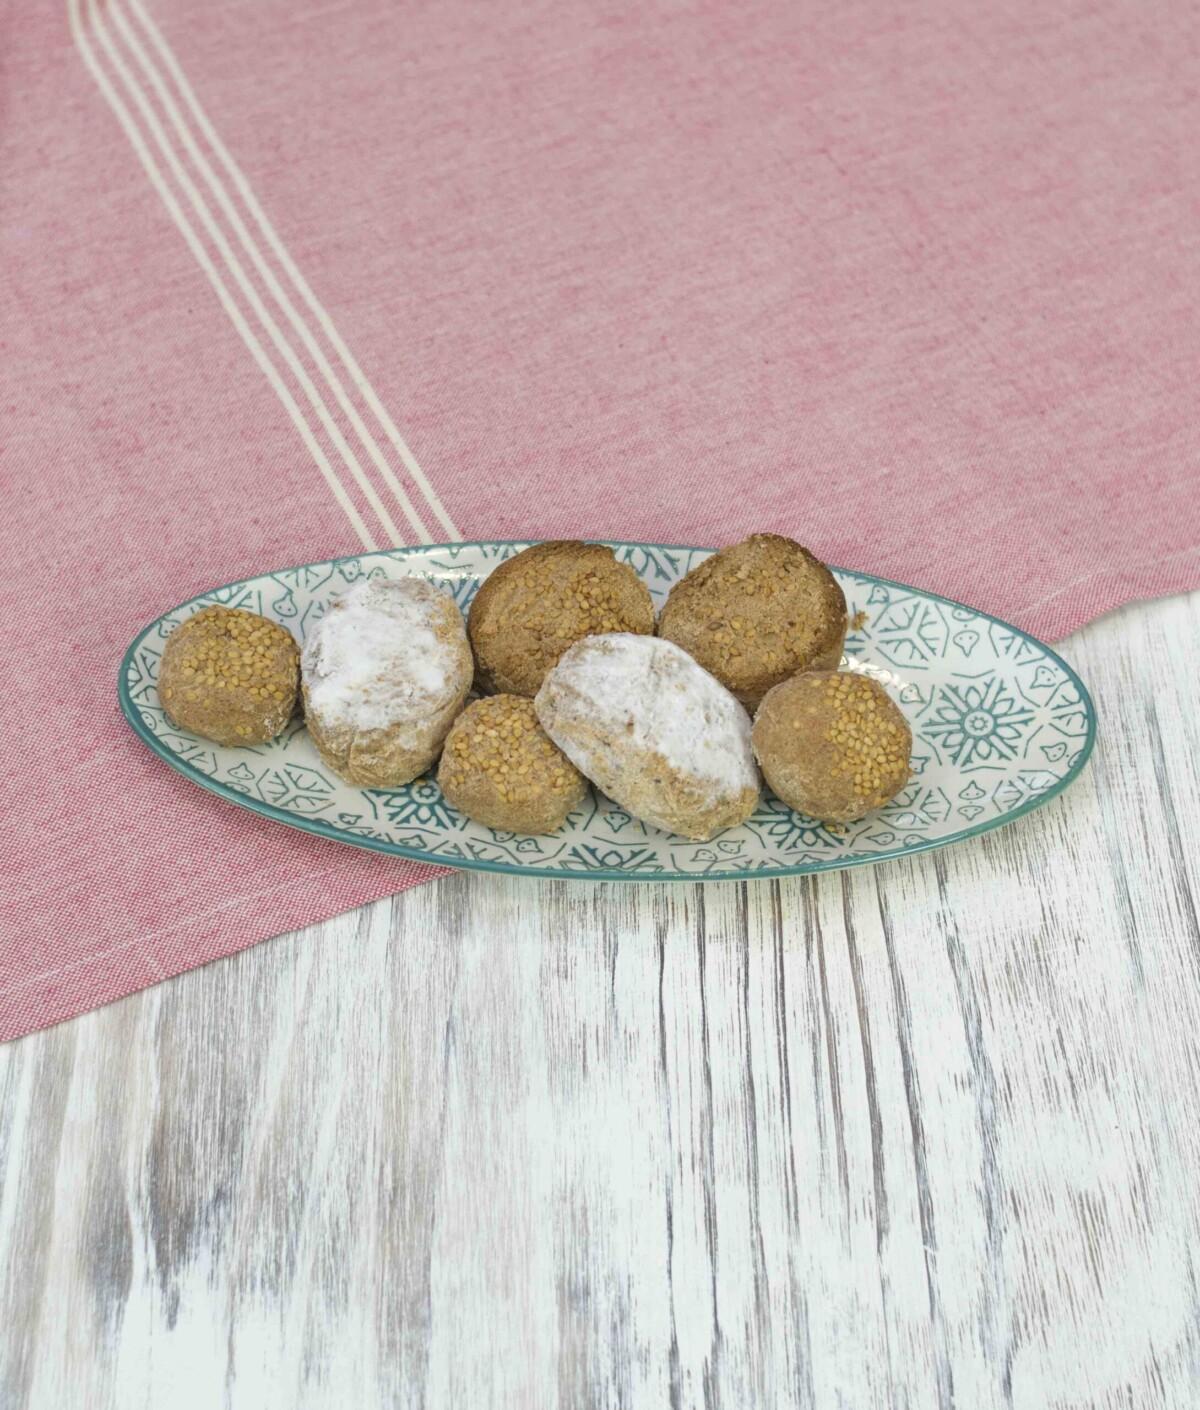 Plato con surtido de polvorones y mantecados artesanos